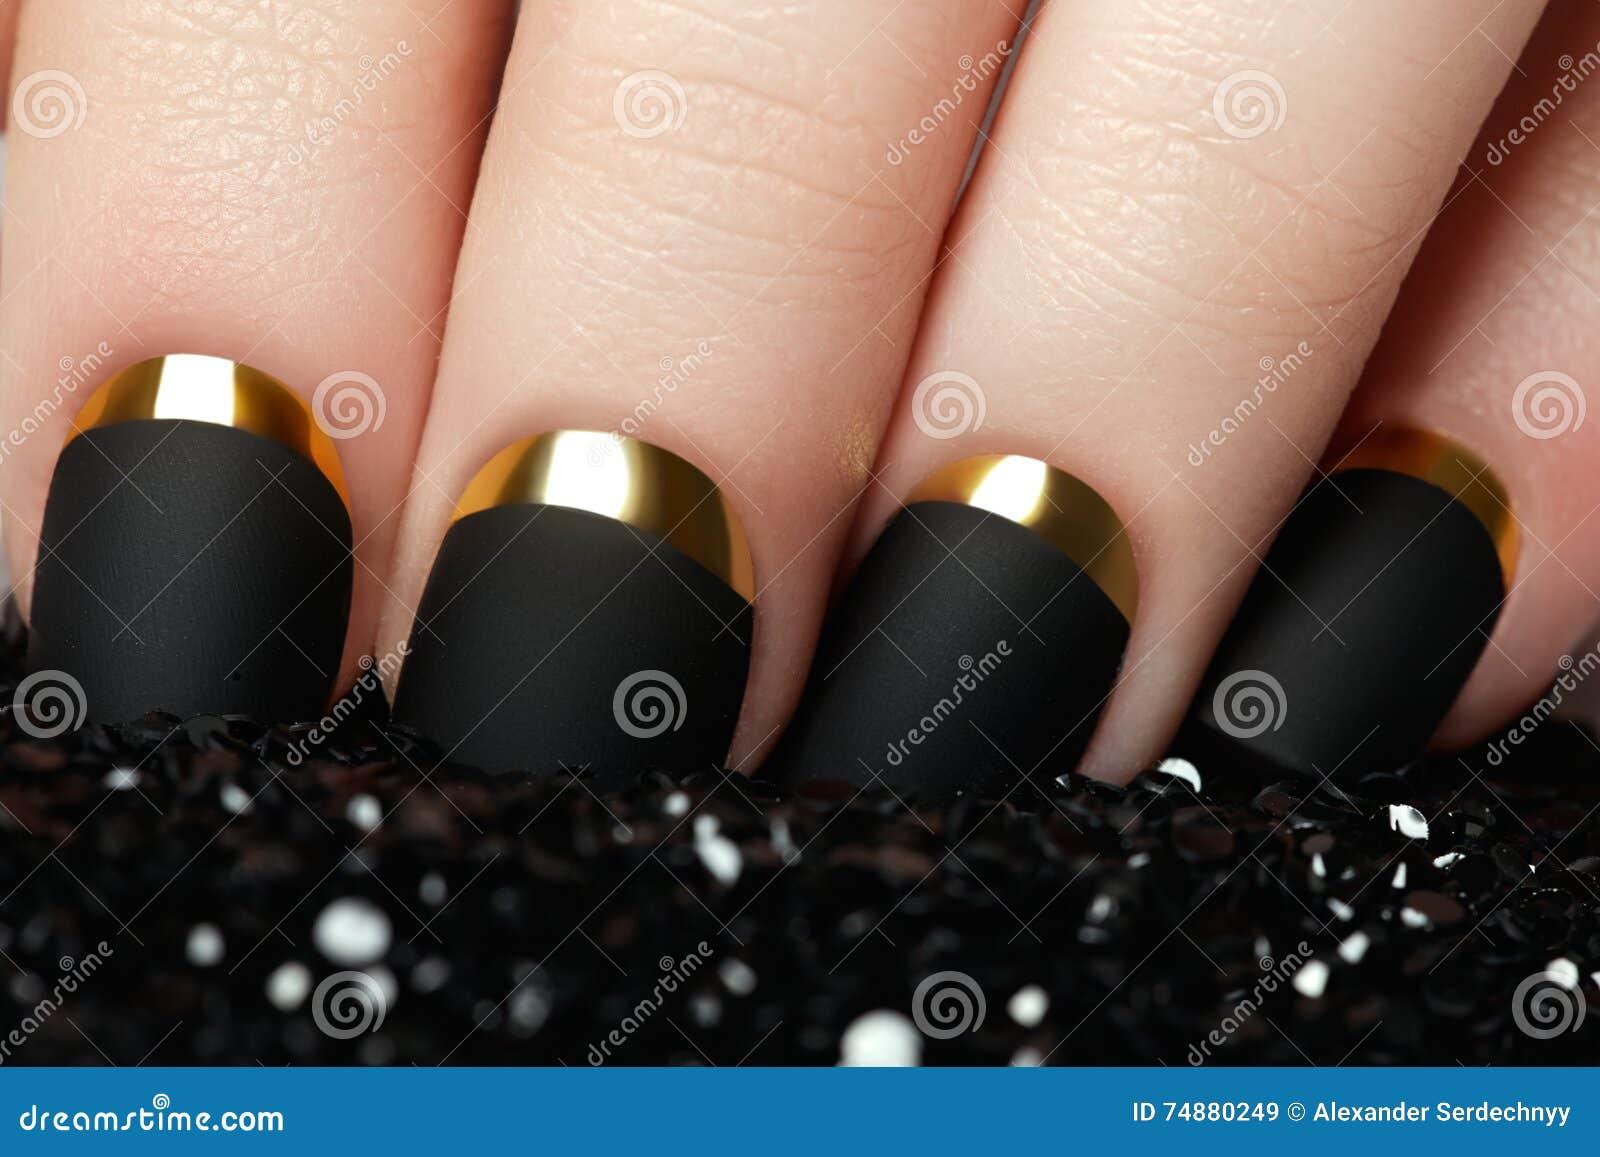 Manicure. Black Matte Nail Polish. Manicured Nail With Black Mat ...